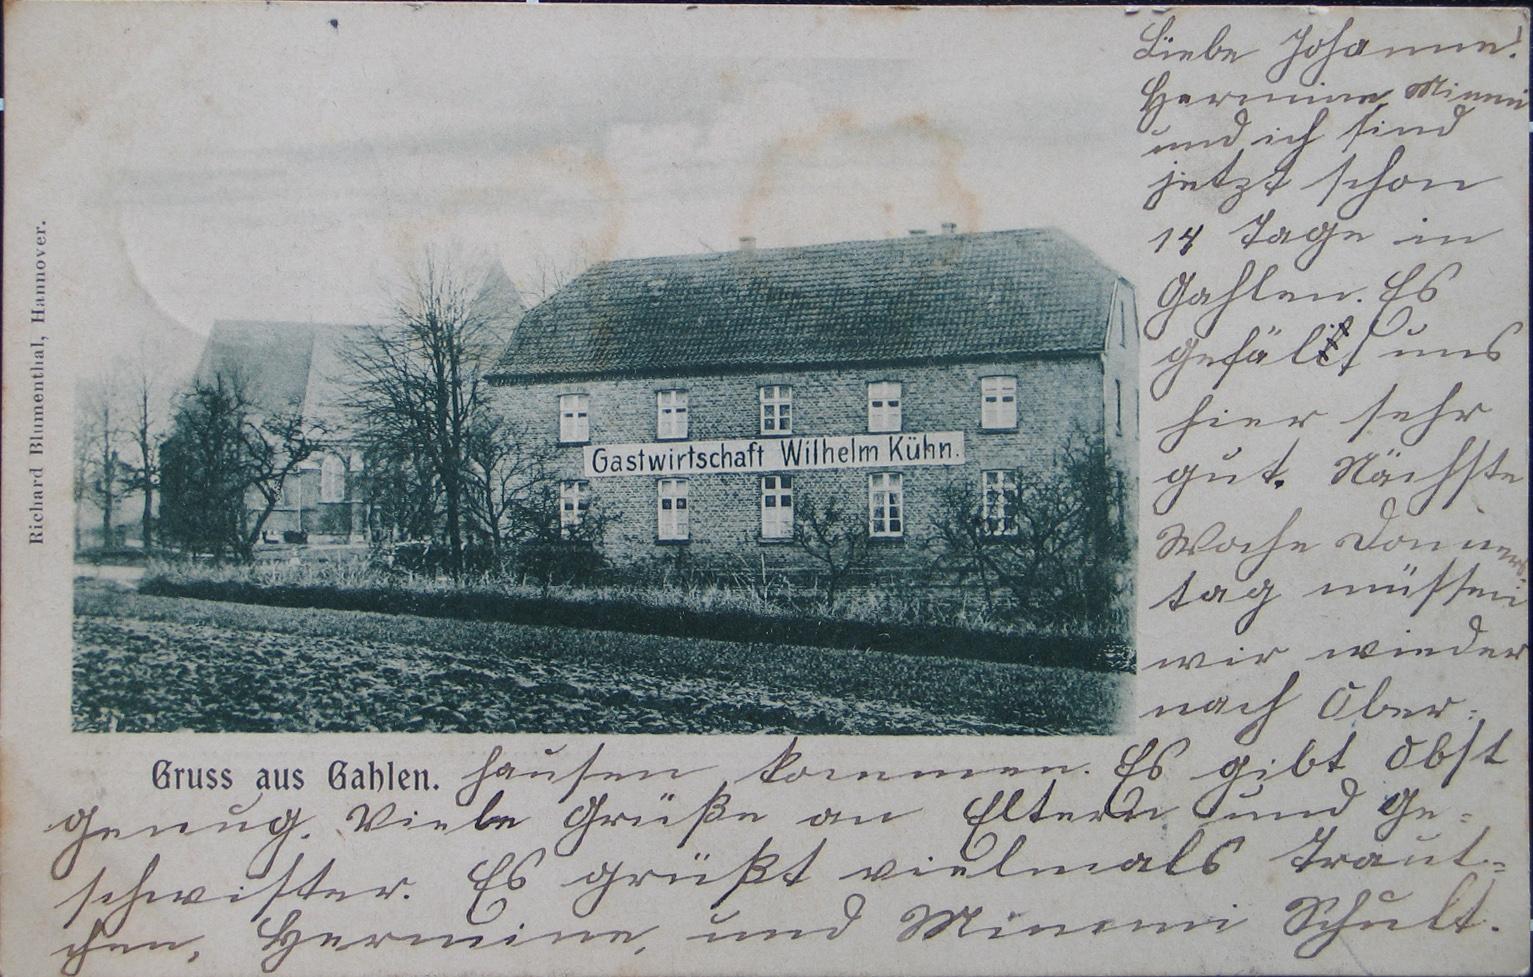 Ansichtskarte von 1906